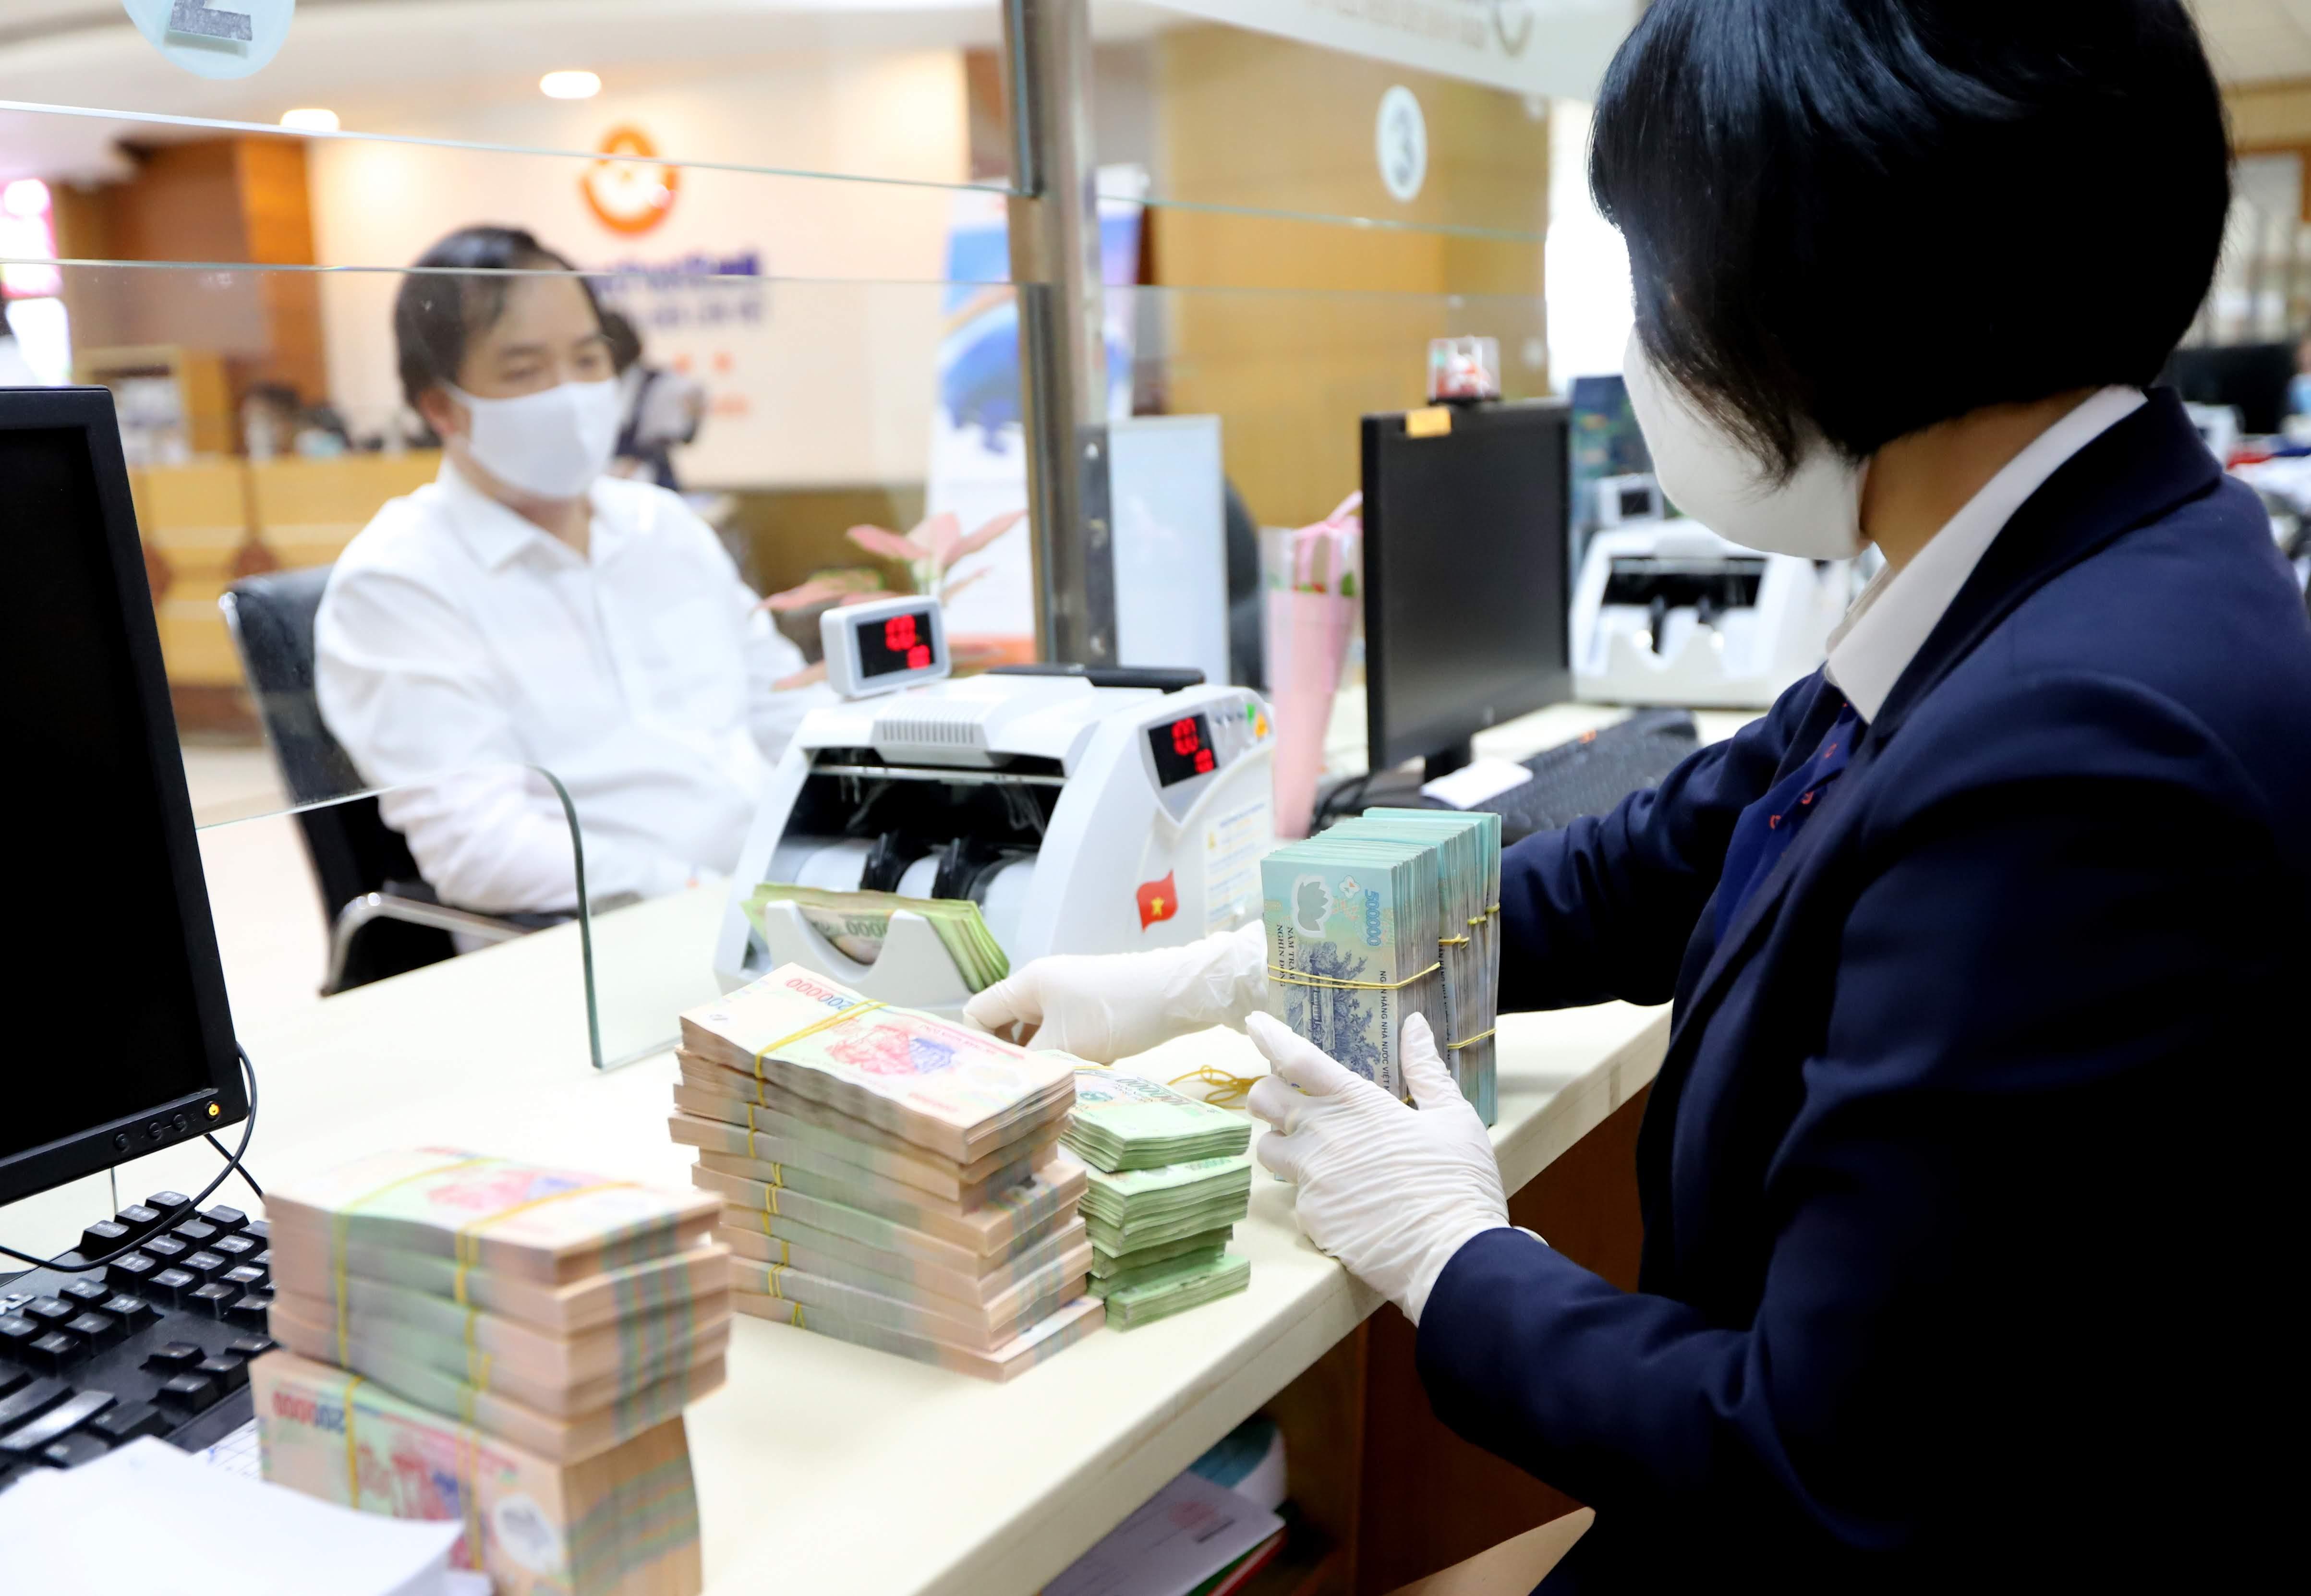 Nhiều ngân hàng đã chủ động giảm lãi suất cho vay để cạnh tranh. Ảnh: Quang Vinh.